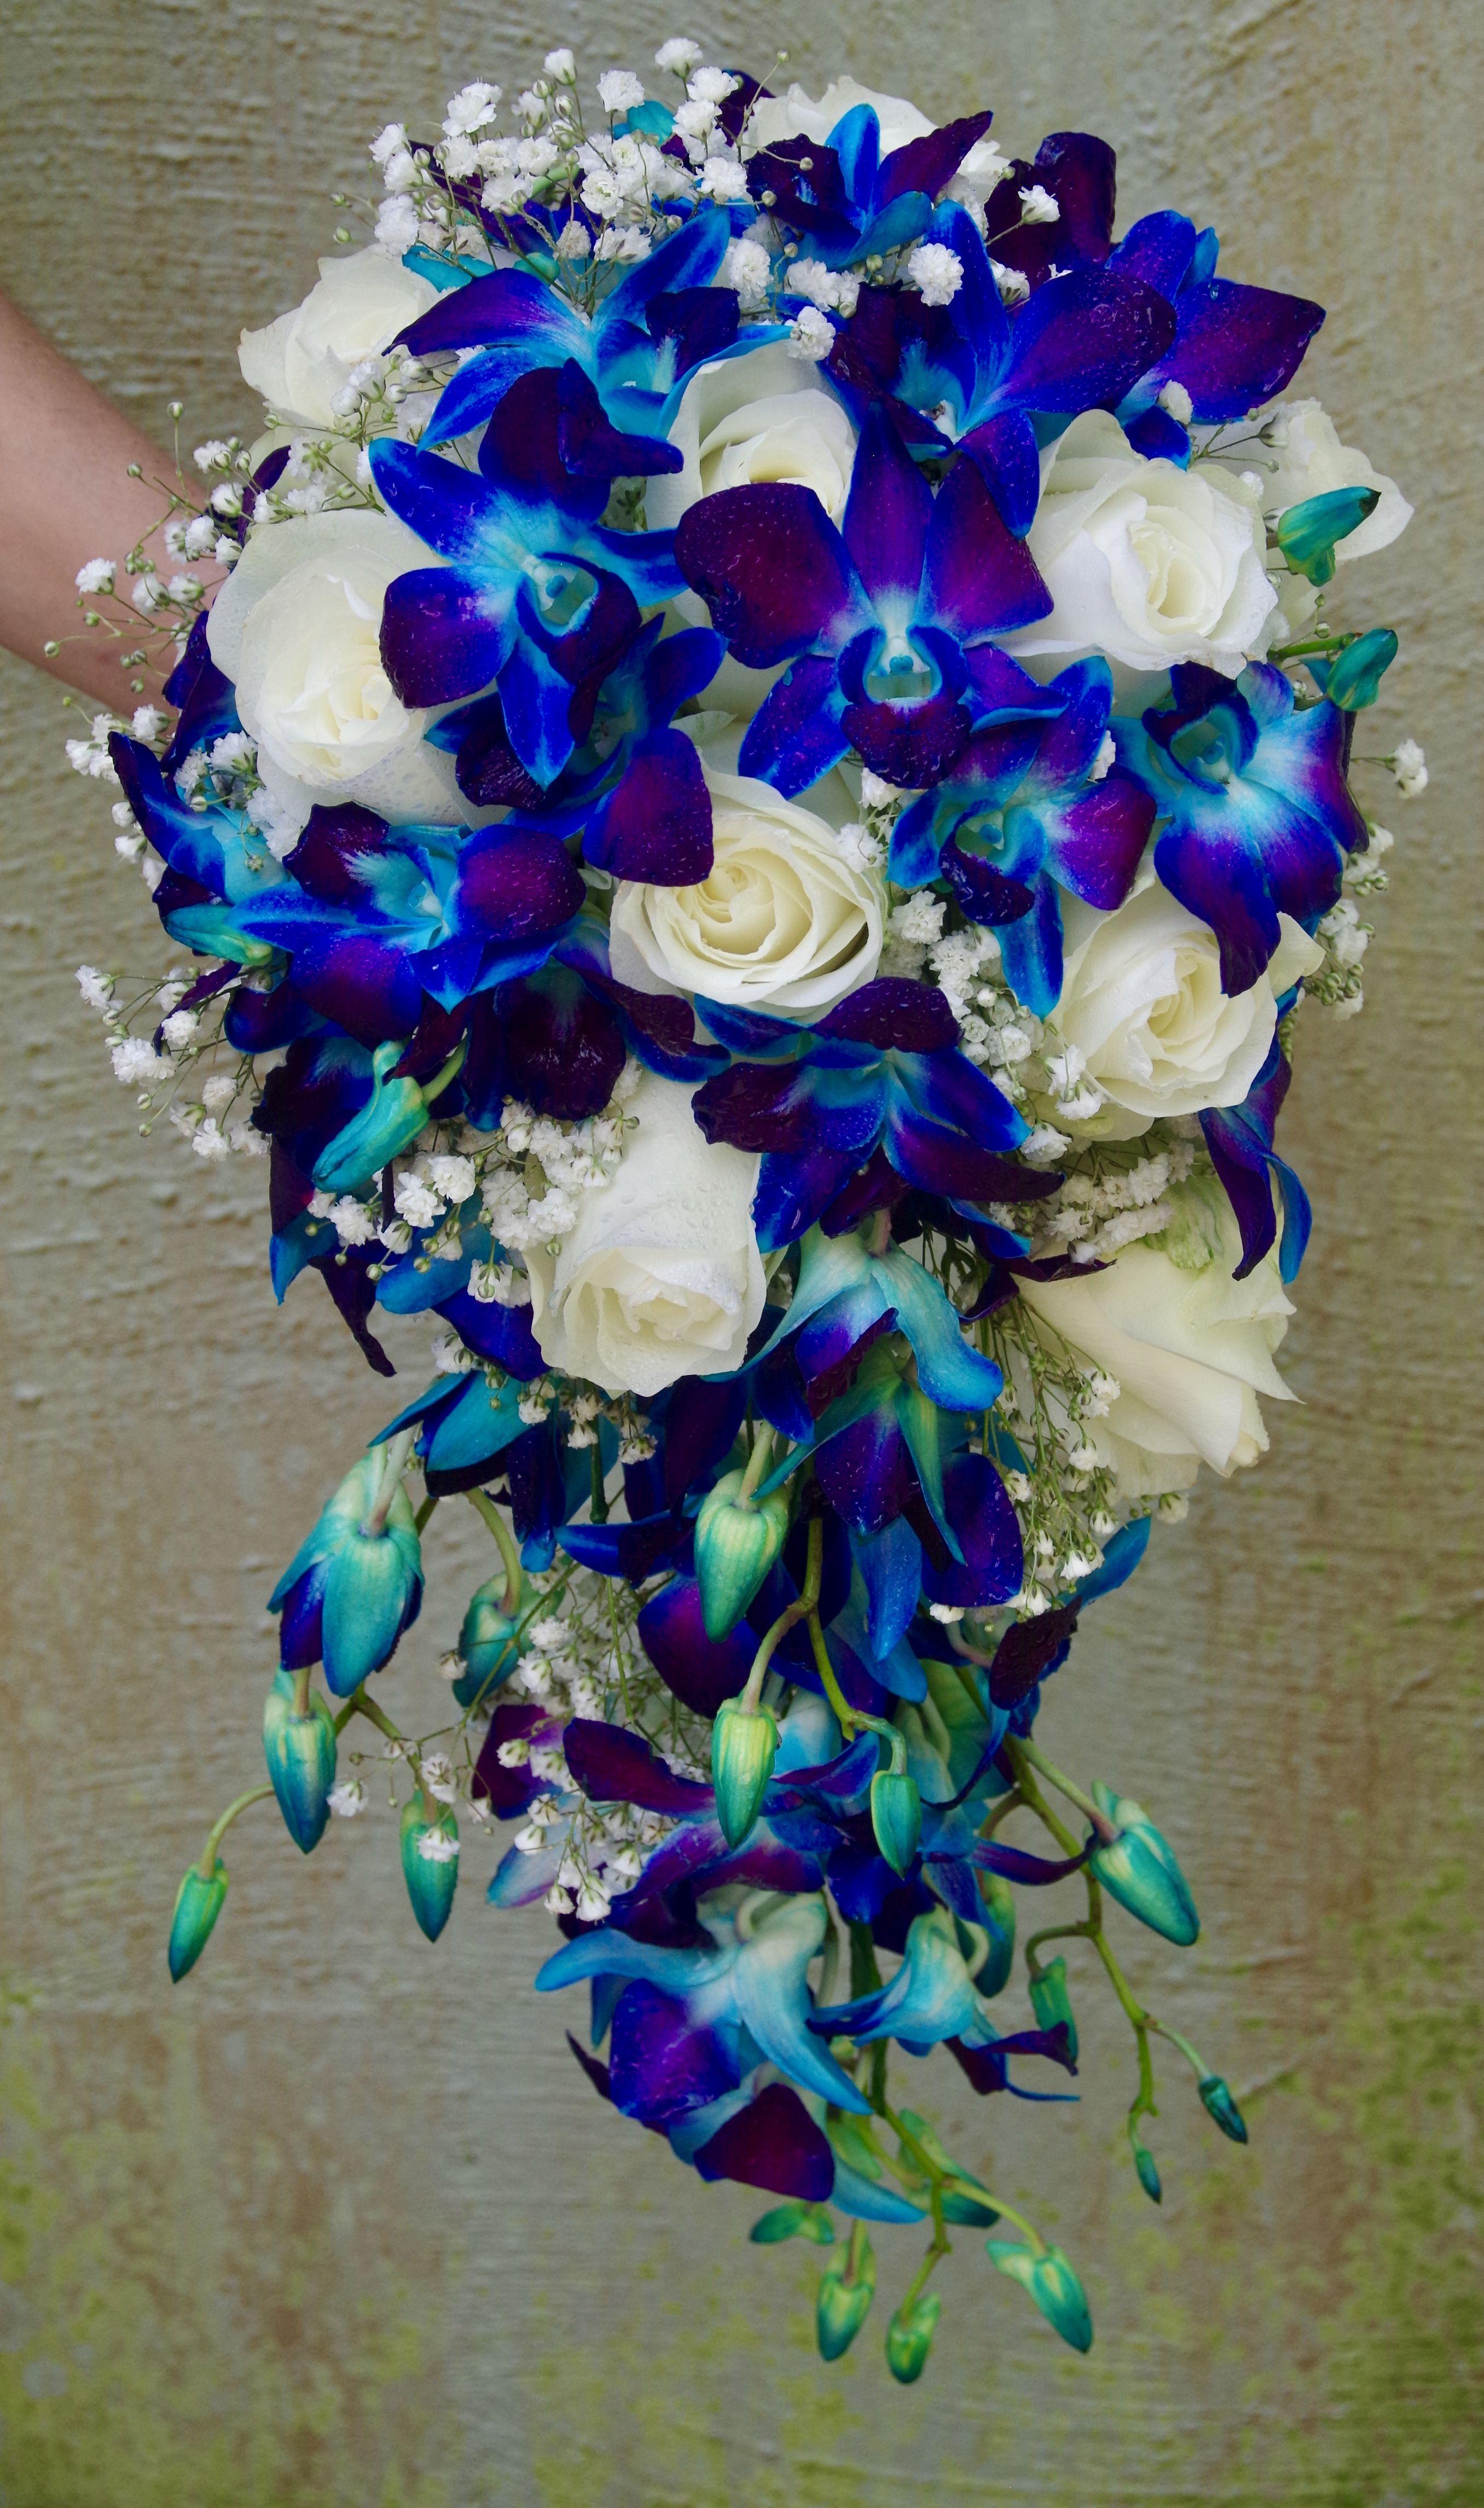 Bouquet Sposa Orchidee Blu.Blue Orchid Bouquet Bouquet Matrimonio Bouquet Da Sposa